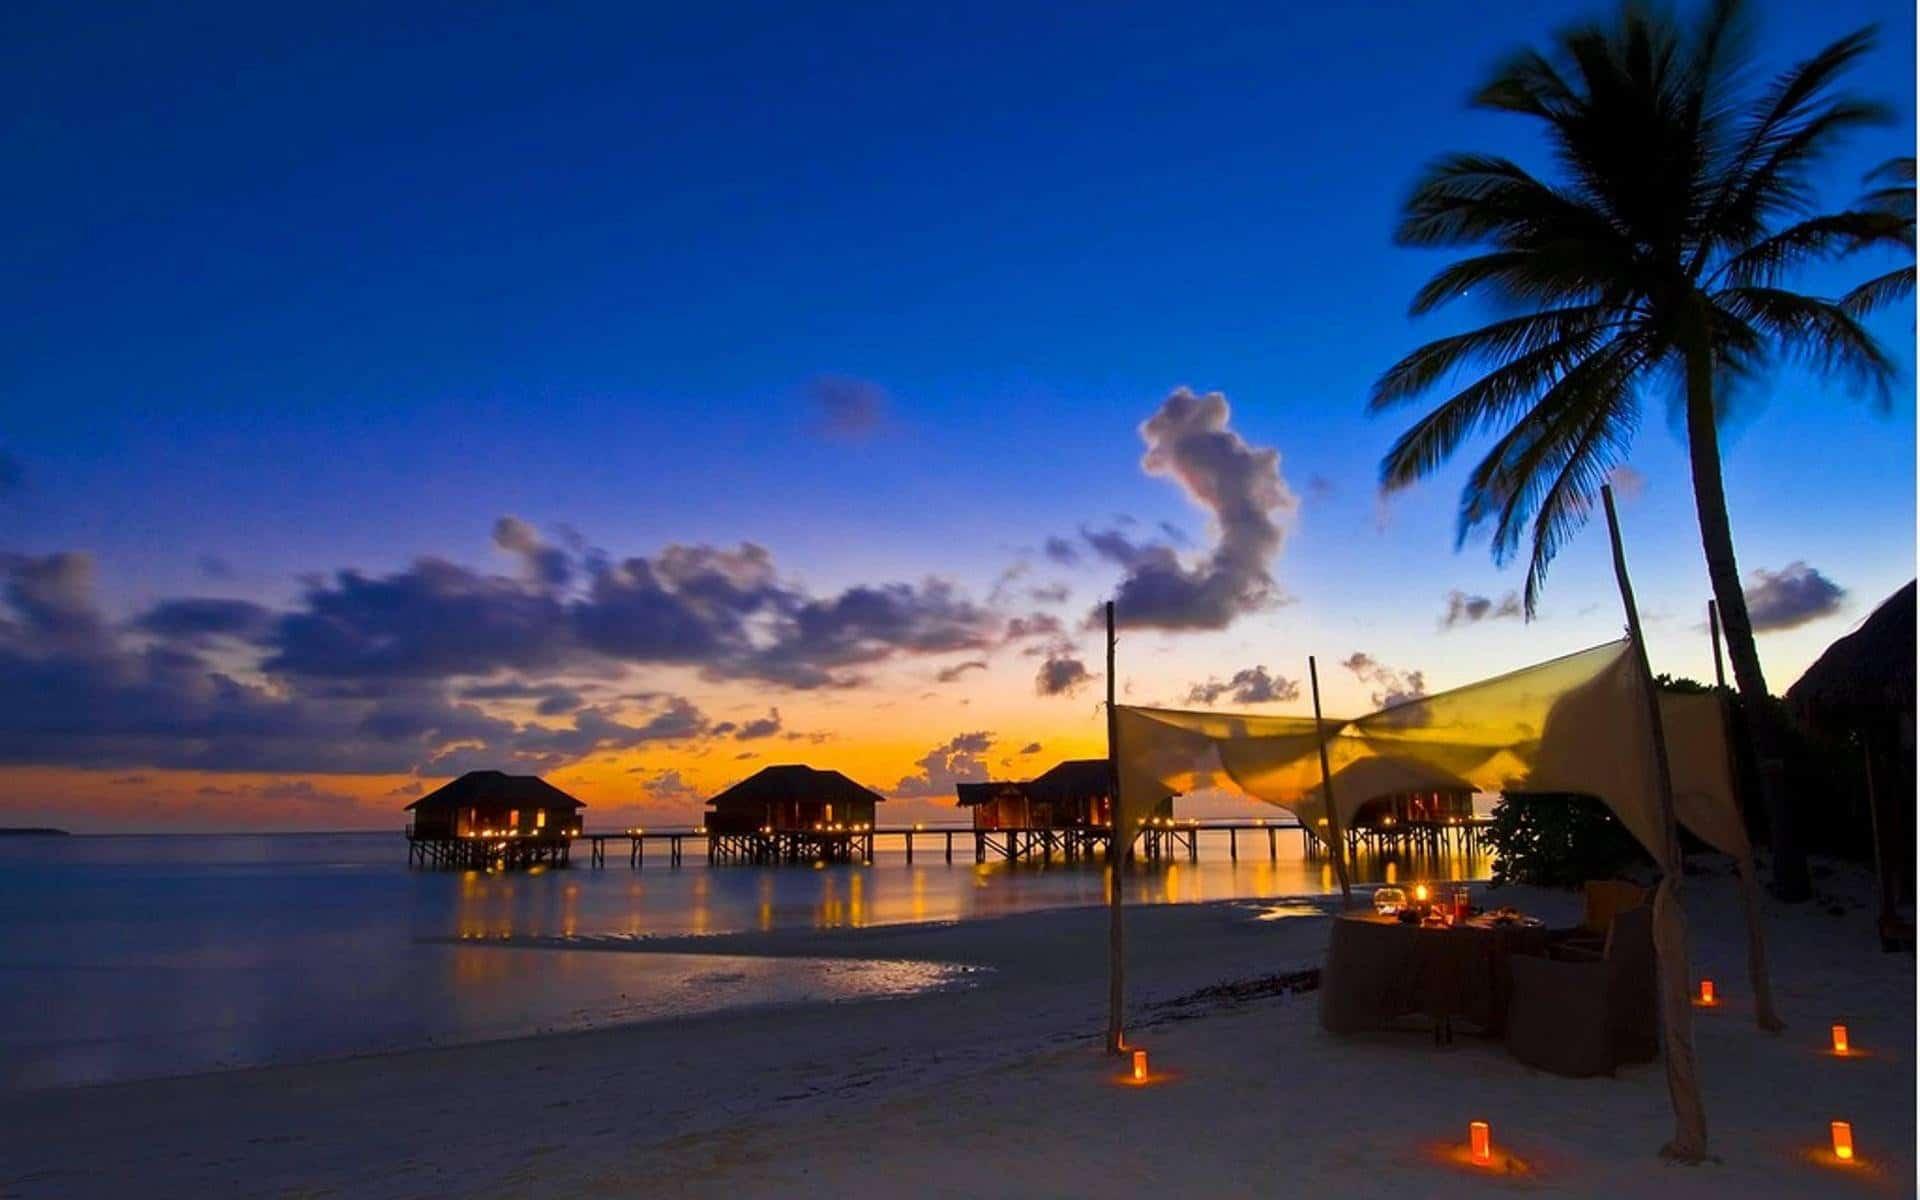 بهترین رستورانهای کودا حرا مالدیو